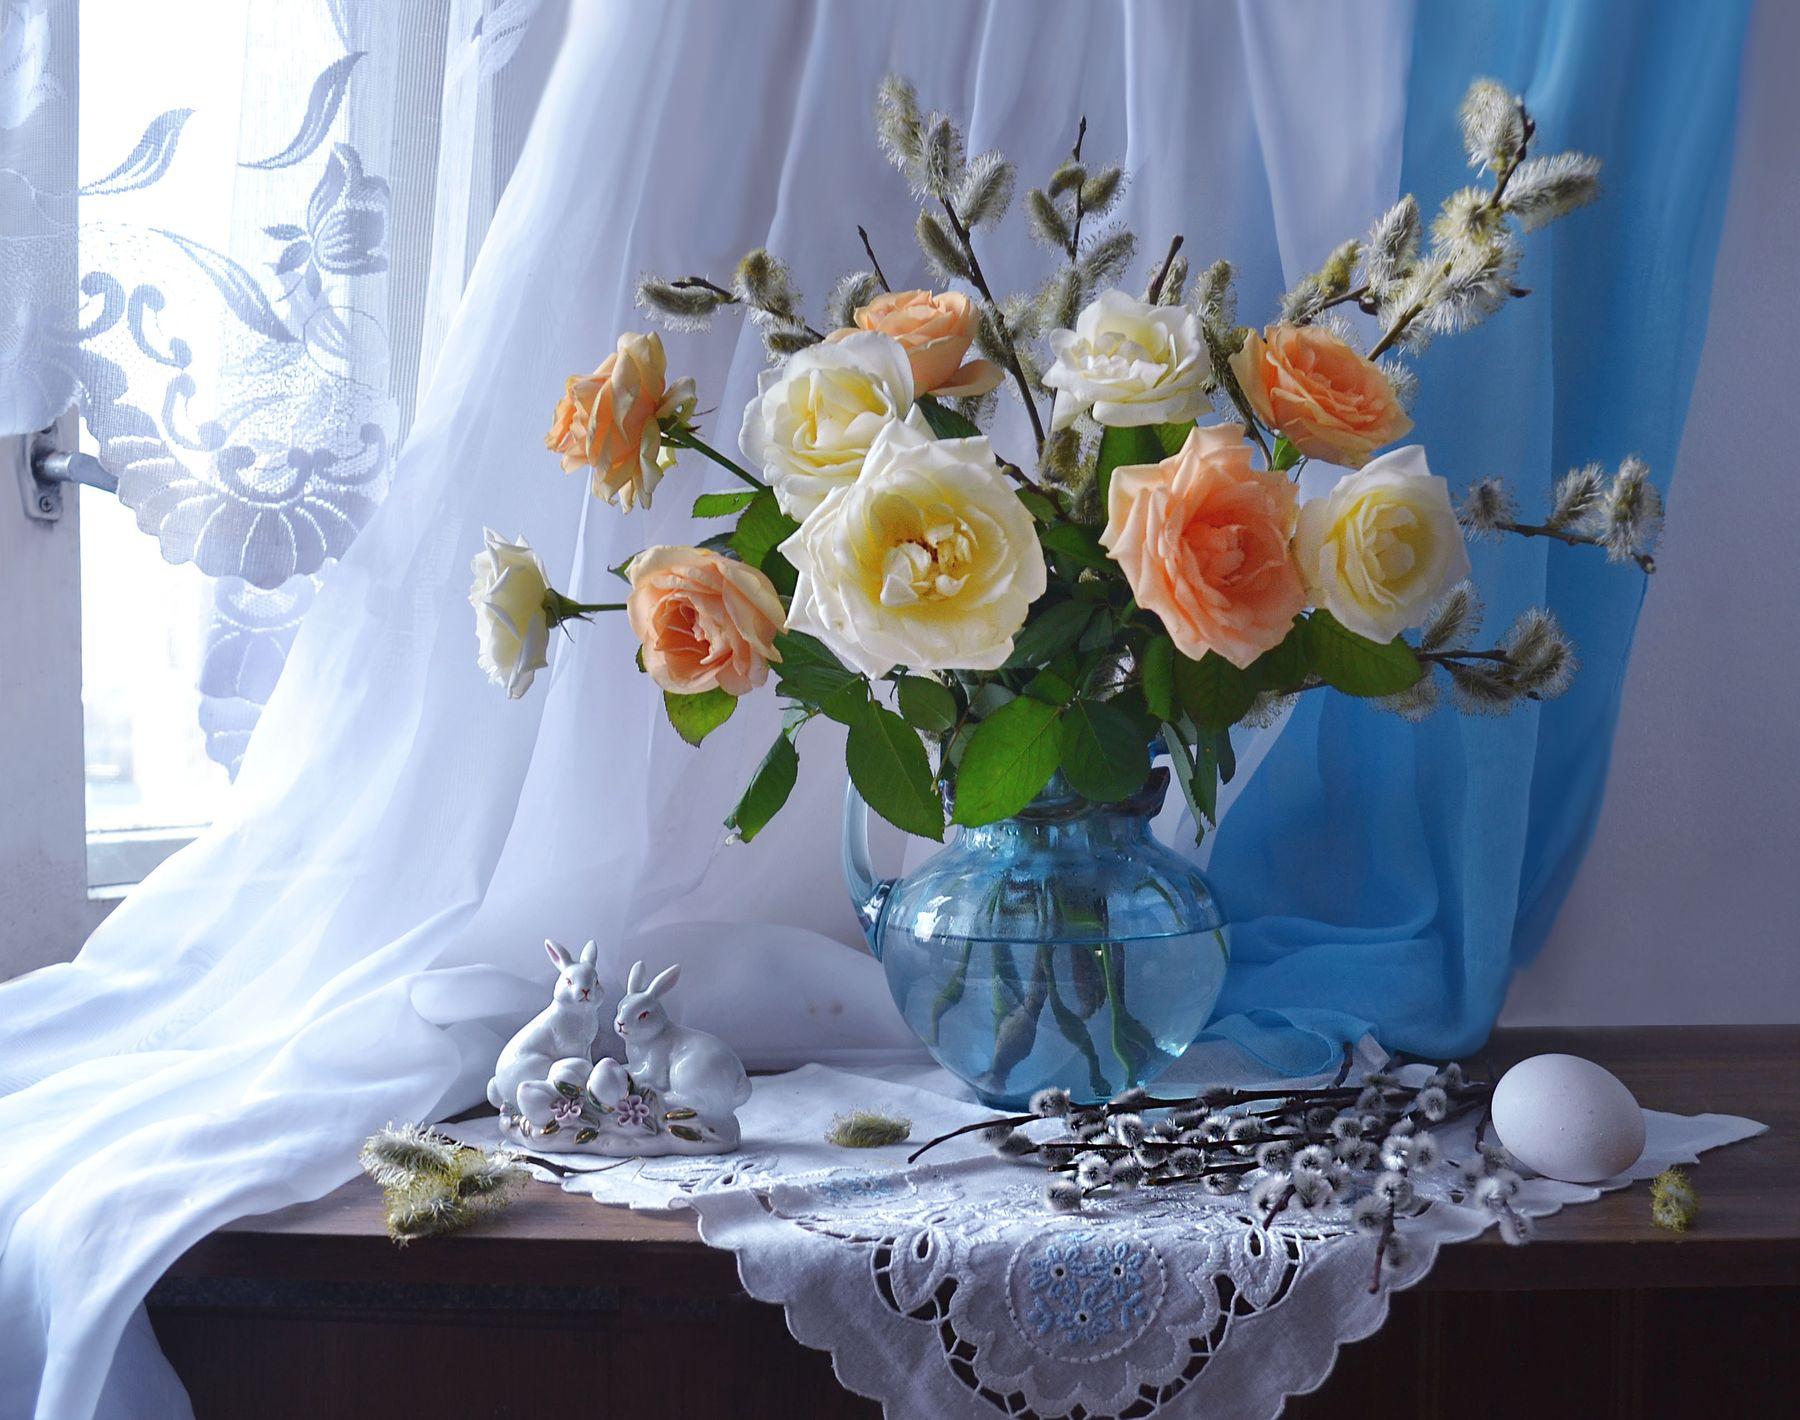 Вербное Воскресение... still life натюрморт цветы фото весна апрель верба вербное воскресение розы фарфор